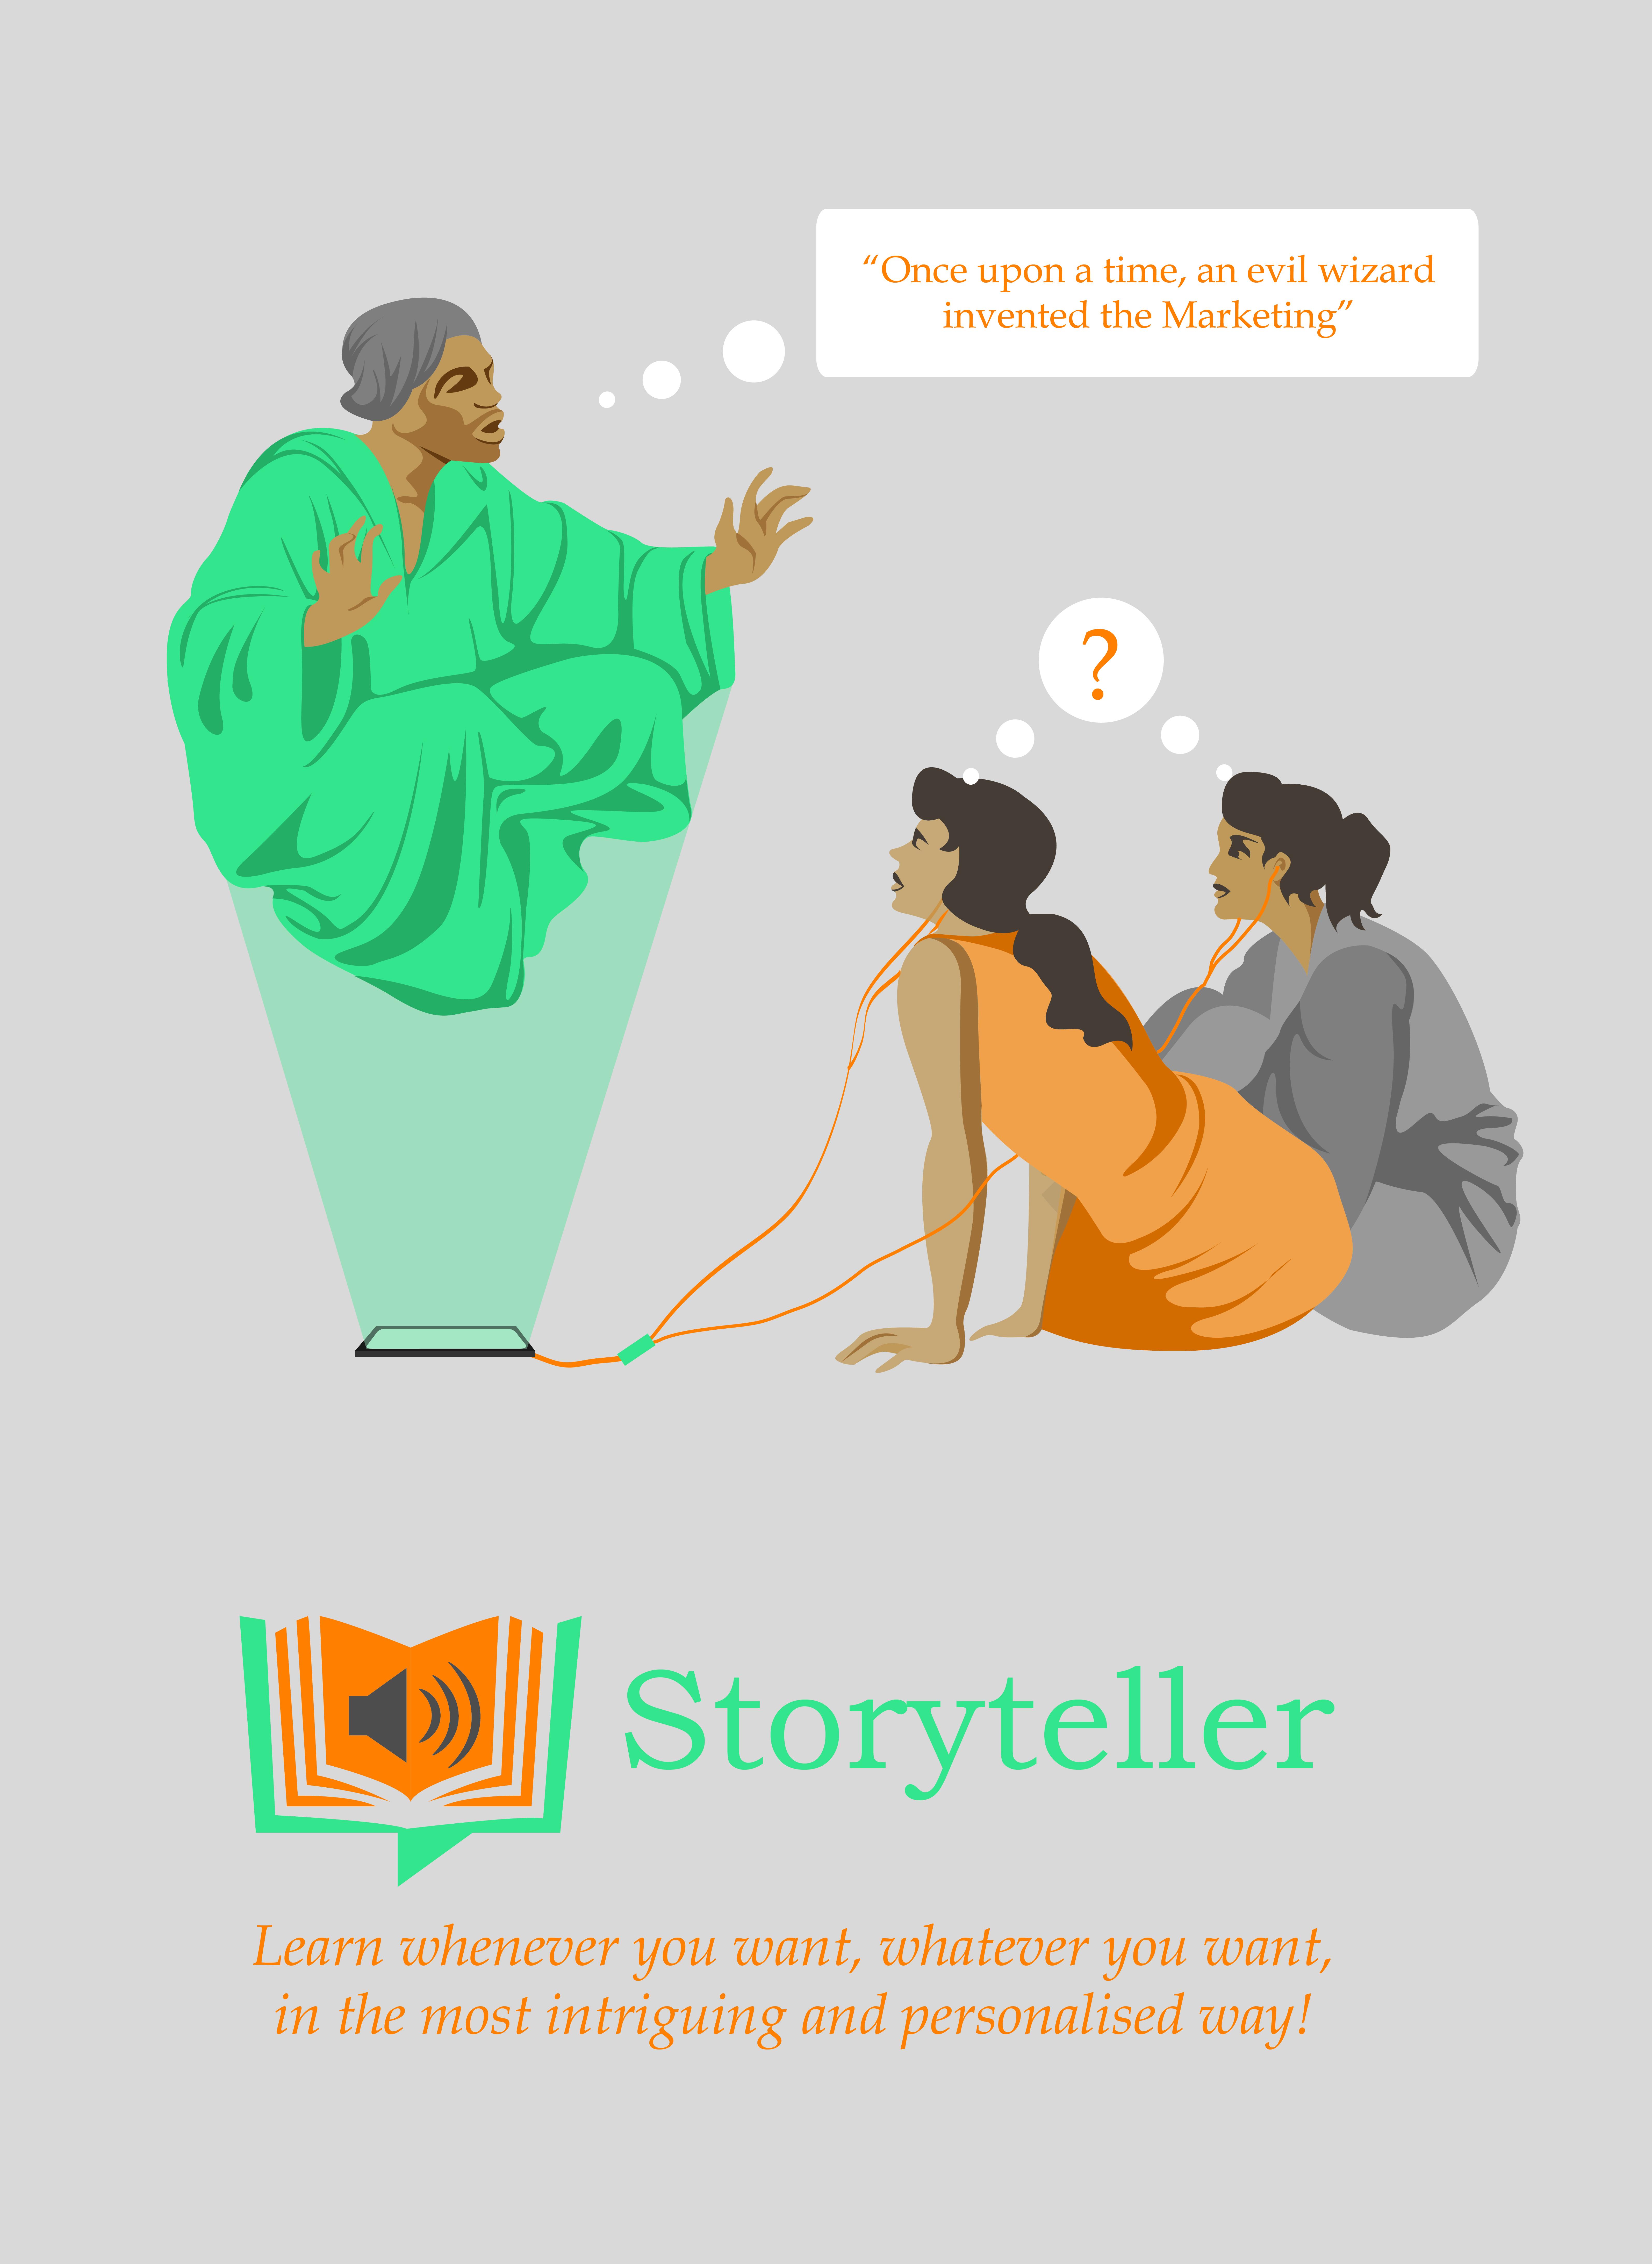 The Storyteller App